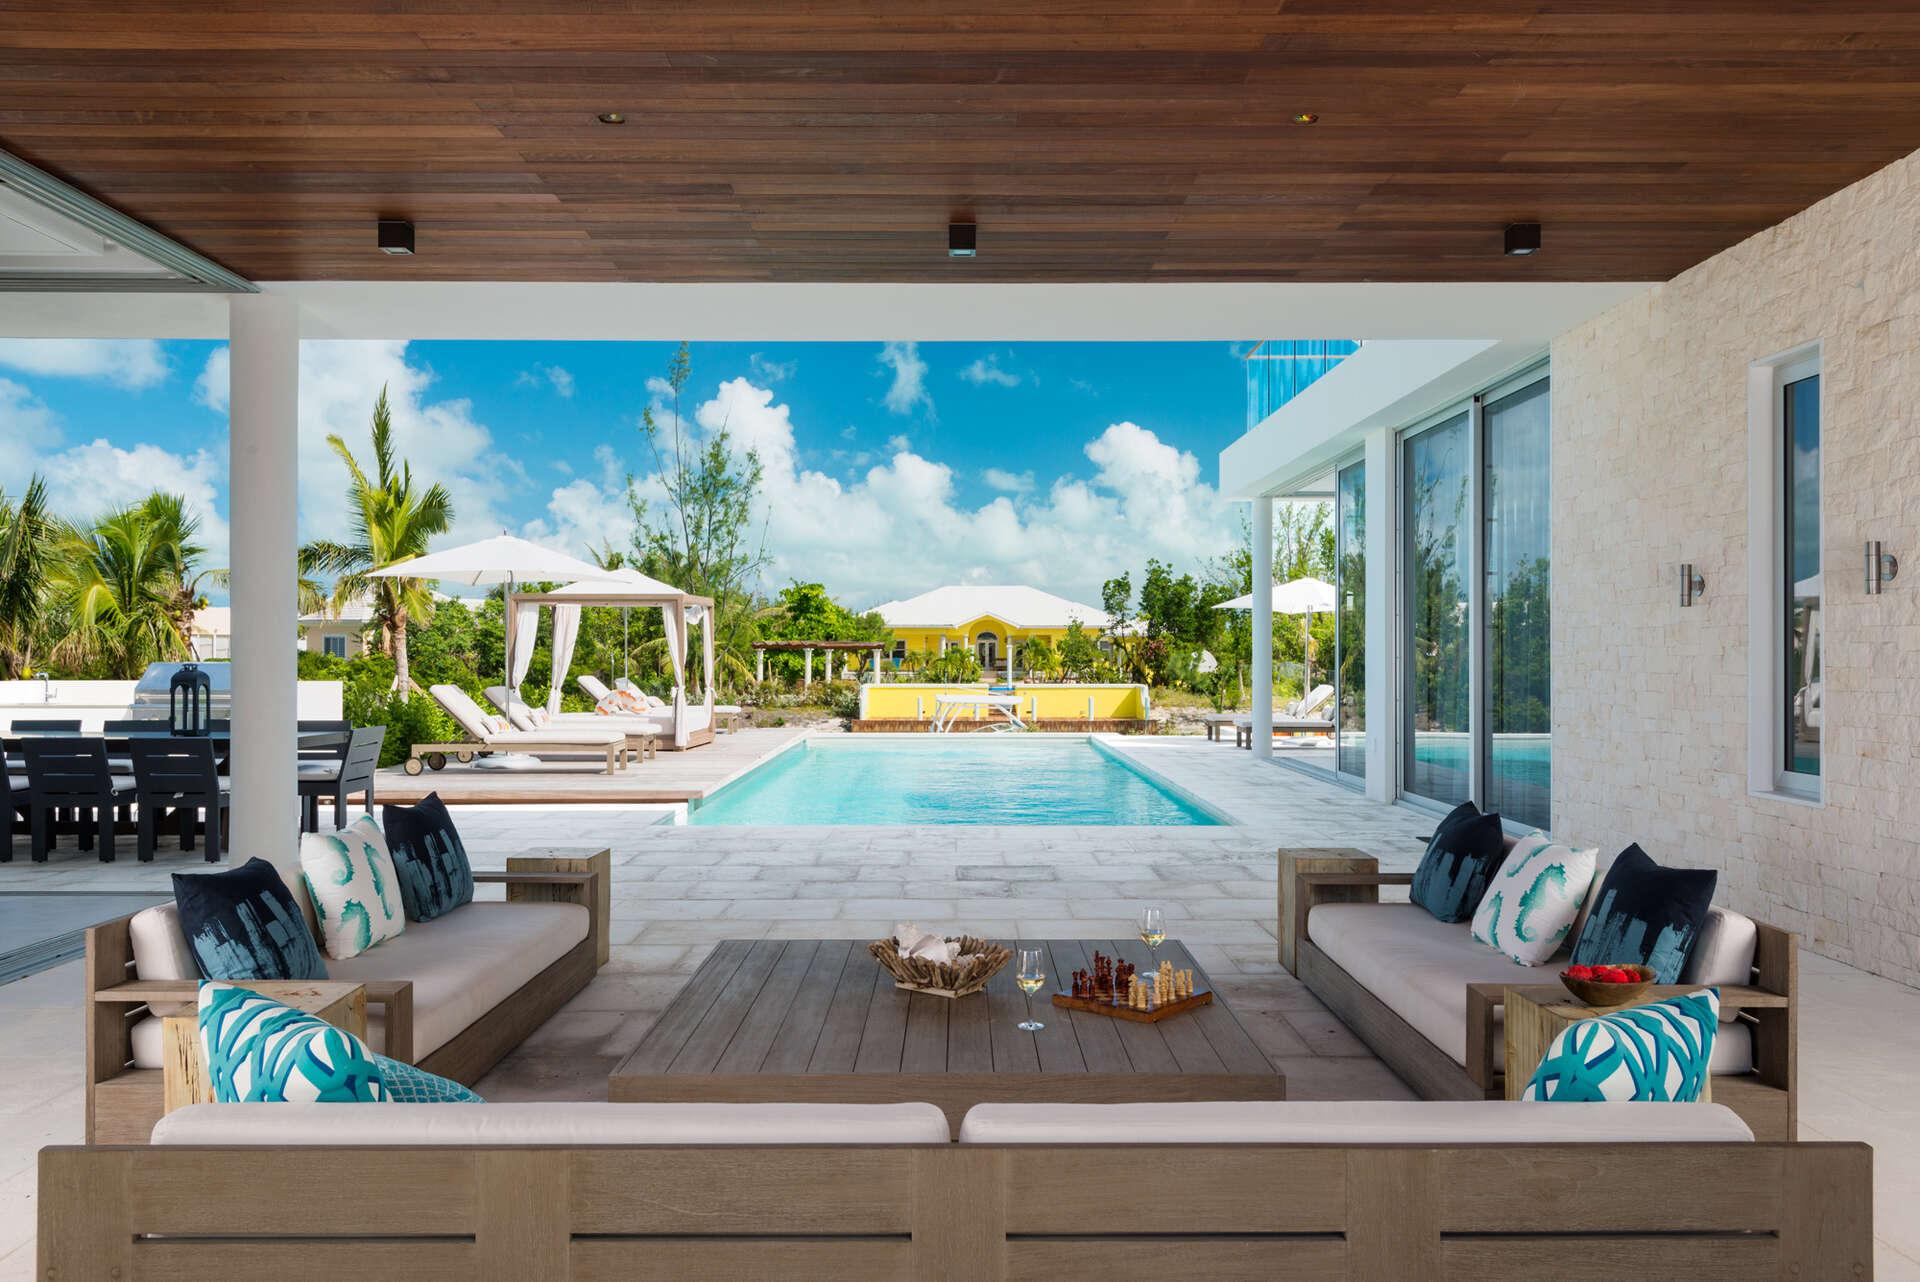 Luxury villa rentals caribbean - Turks and caicos - Providenciales - Leeward - Big Chill - Image 1/20